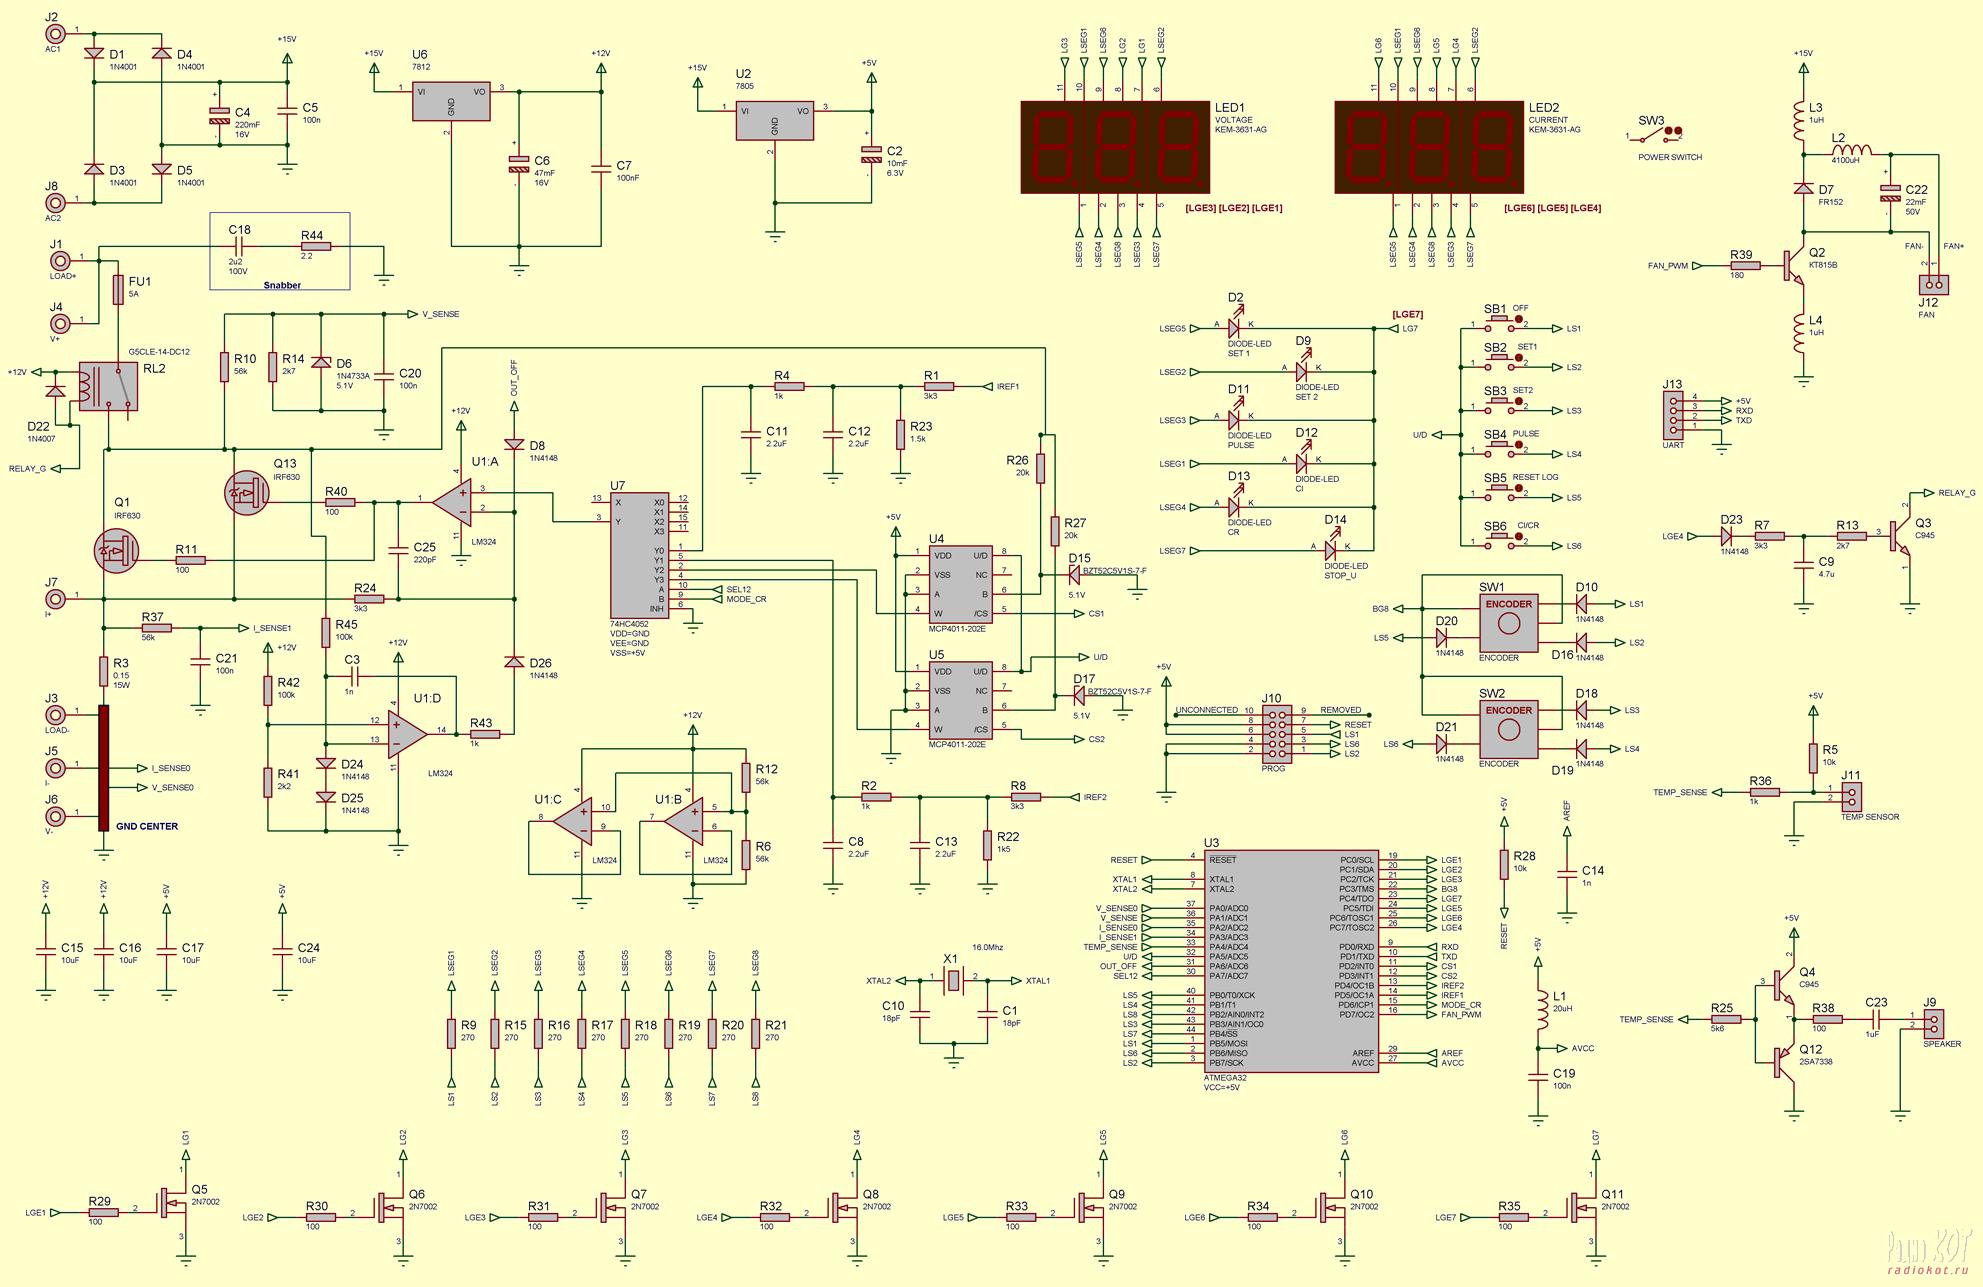 80 Circuit Diagrams Regulating Pulse Width Modulator Hqewnet Rl2